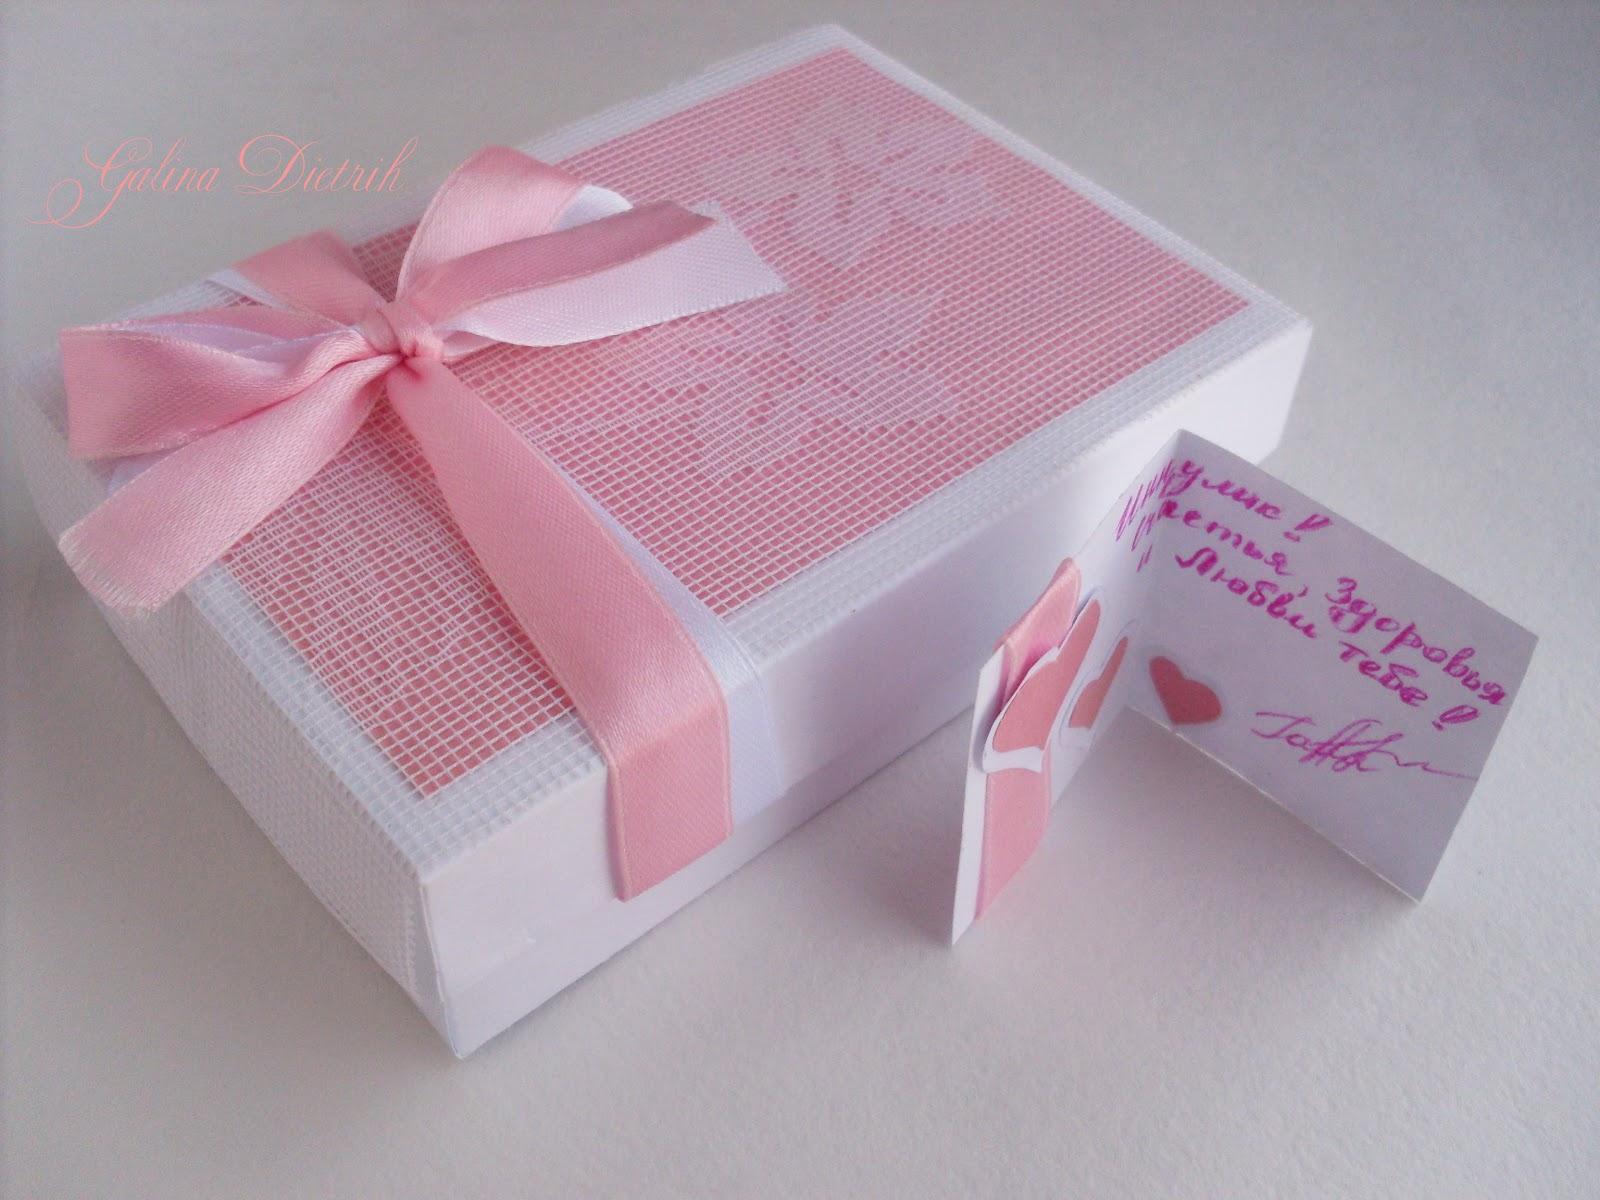 Как украсить коробку для подарка своими руками фото